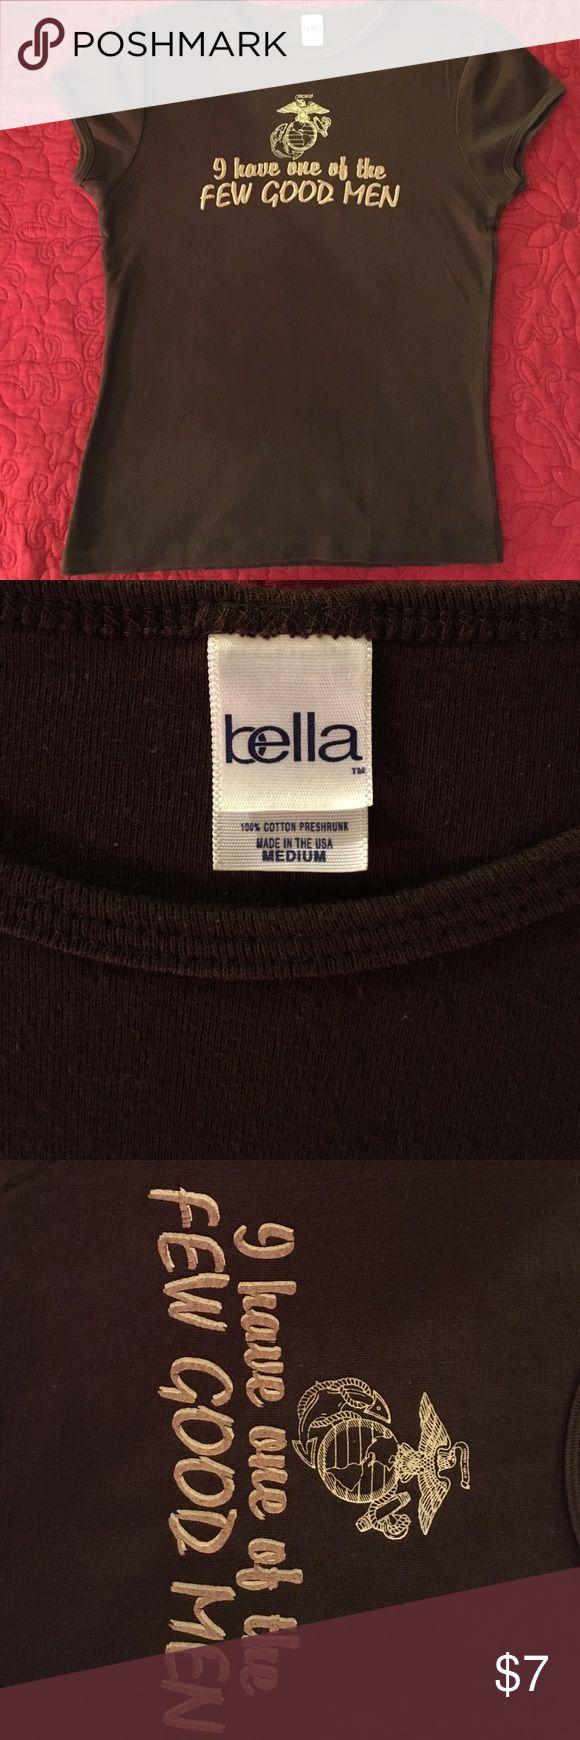 USMC women's t-shirt Size medium (runs a little small) 100% cotton, brown USMC t-shirt.  Semper Fi. Tops Tees - Short Sleeve